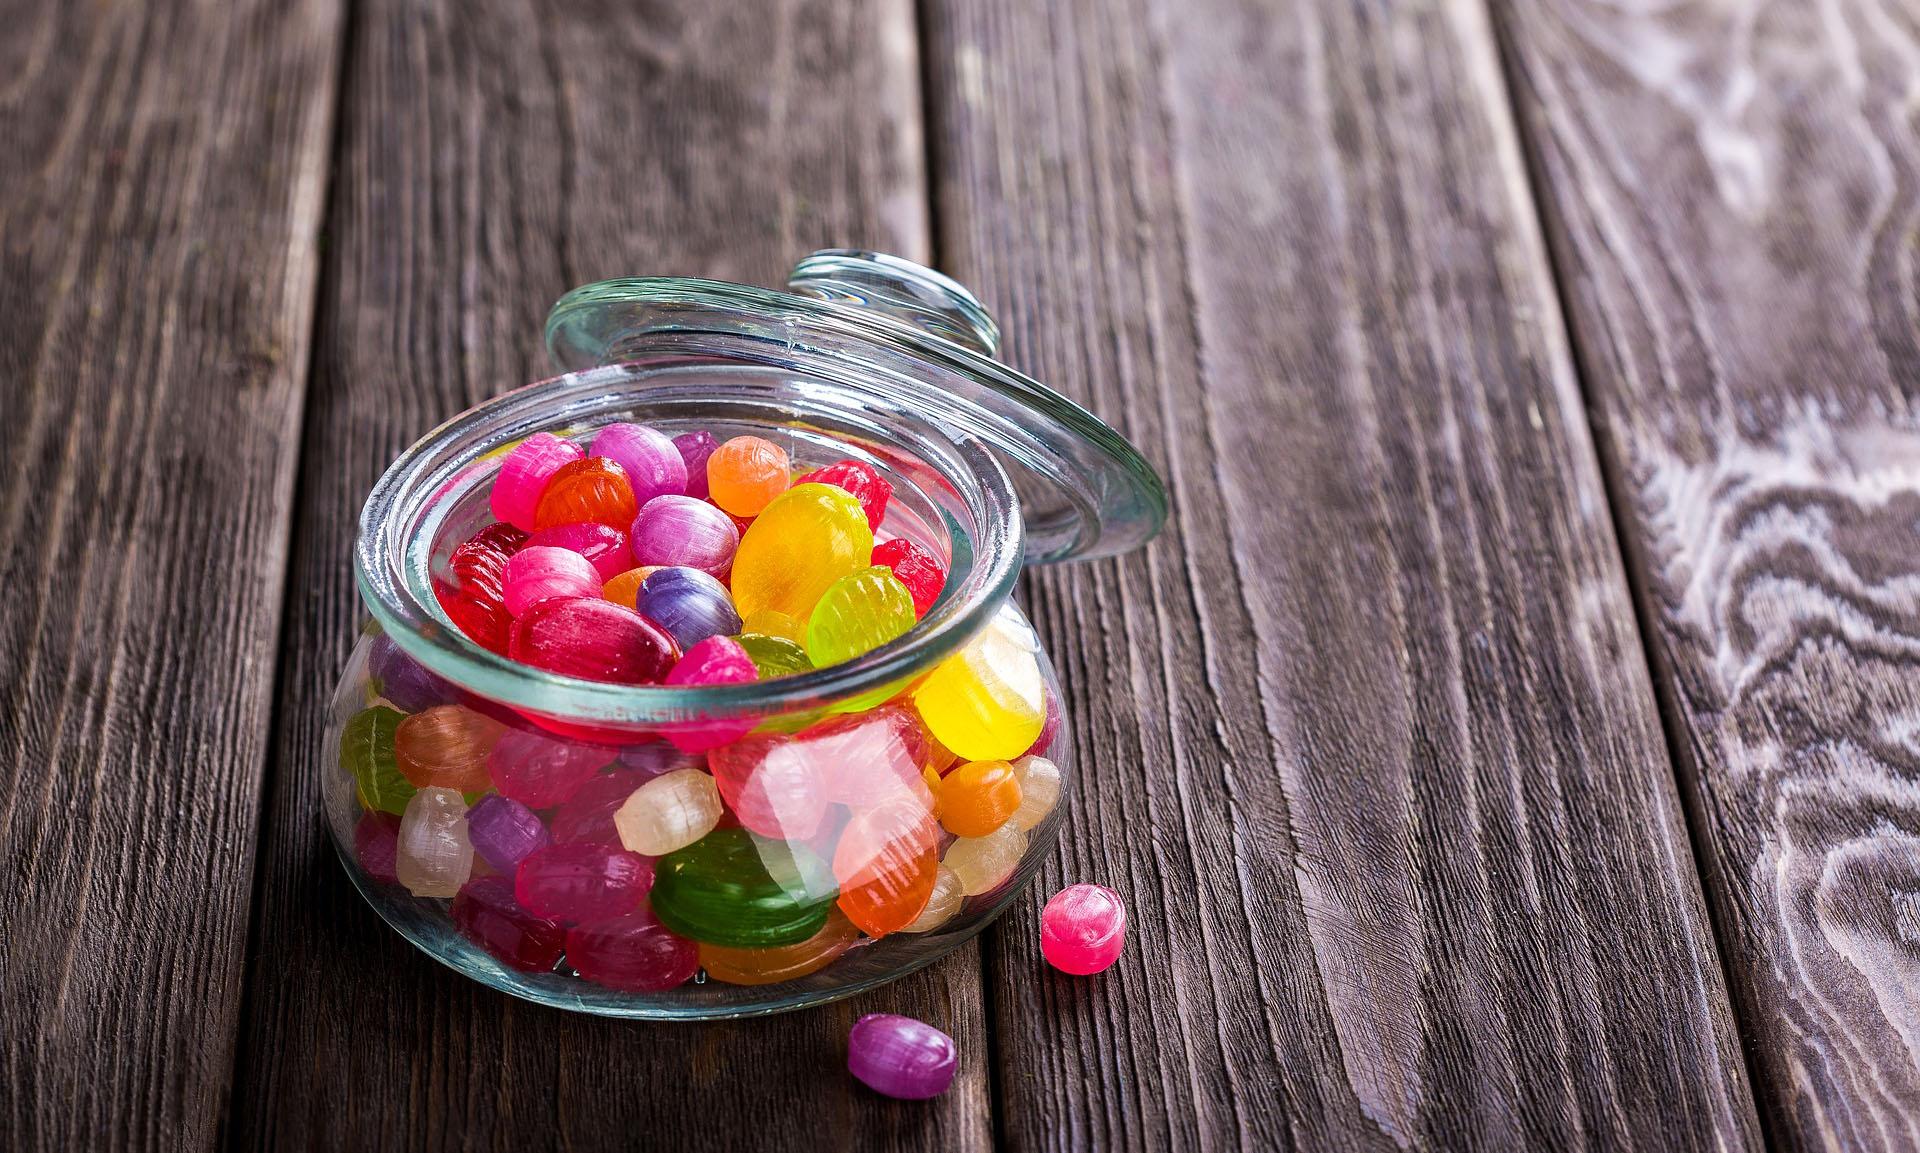 要健康,少吃糖! Nature揭示:果糖不仅使人肥胖,还会伤害免疫系统